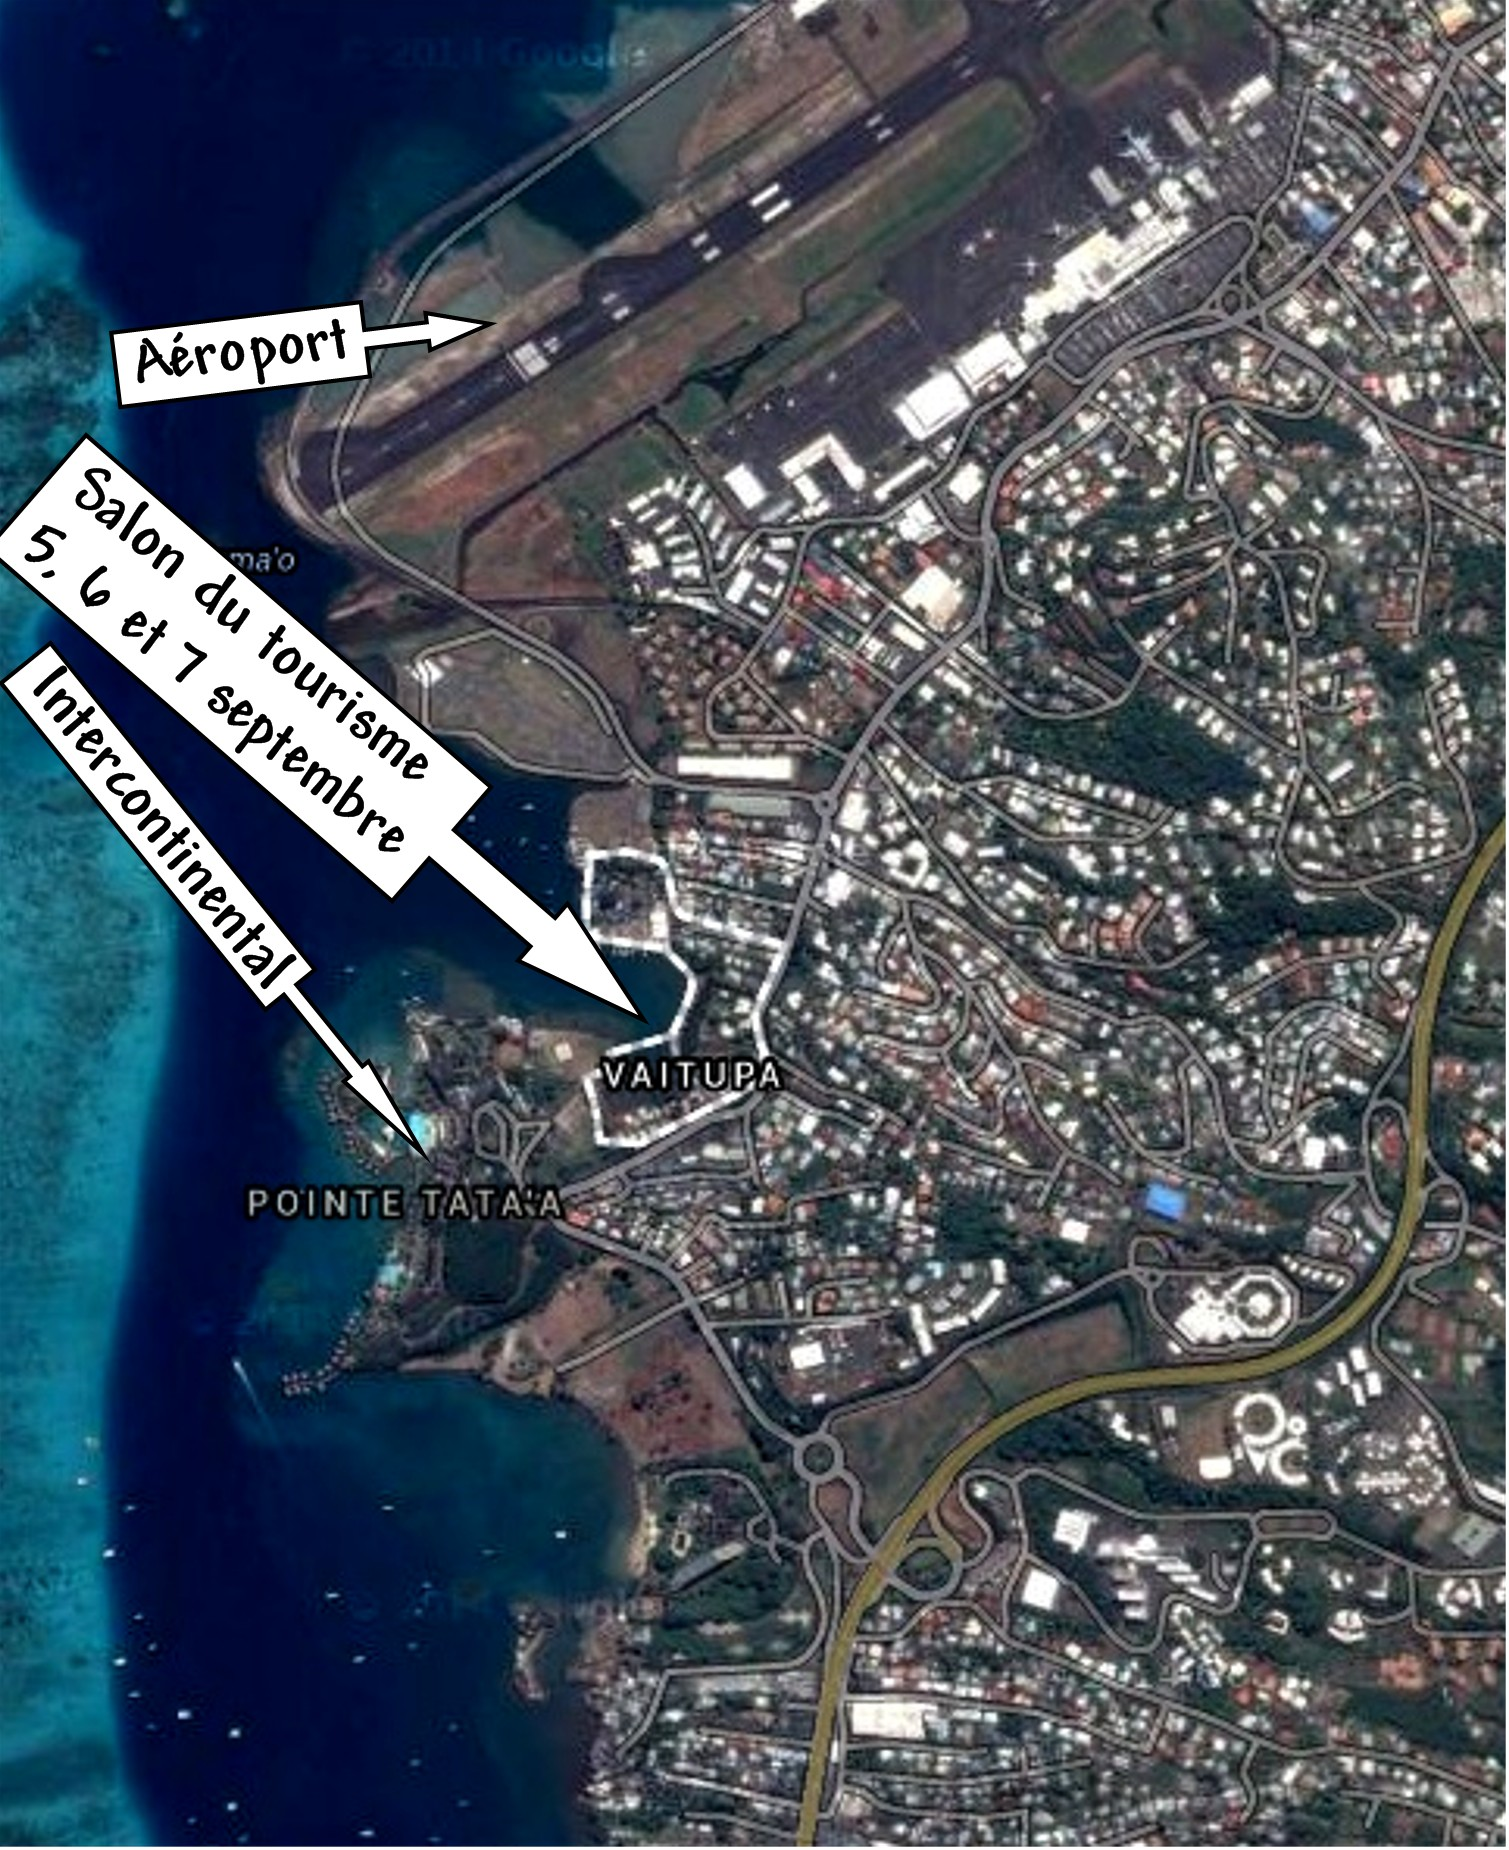 Le salon du tourisme de tahiti for Salon du tourisme alger